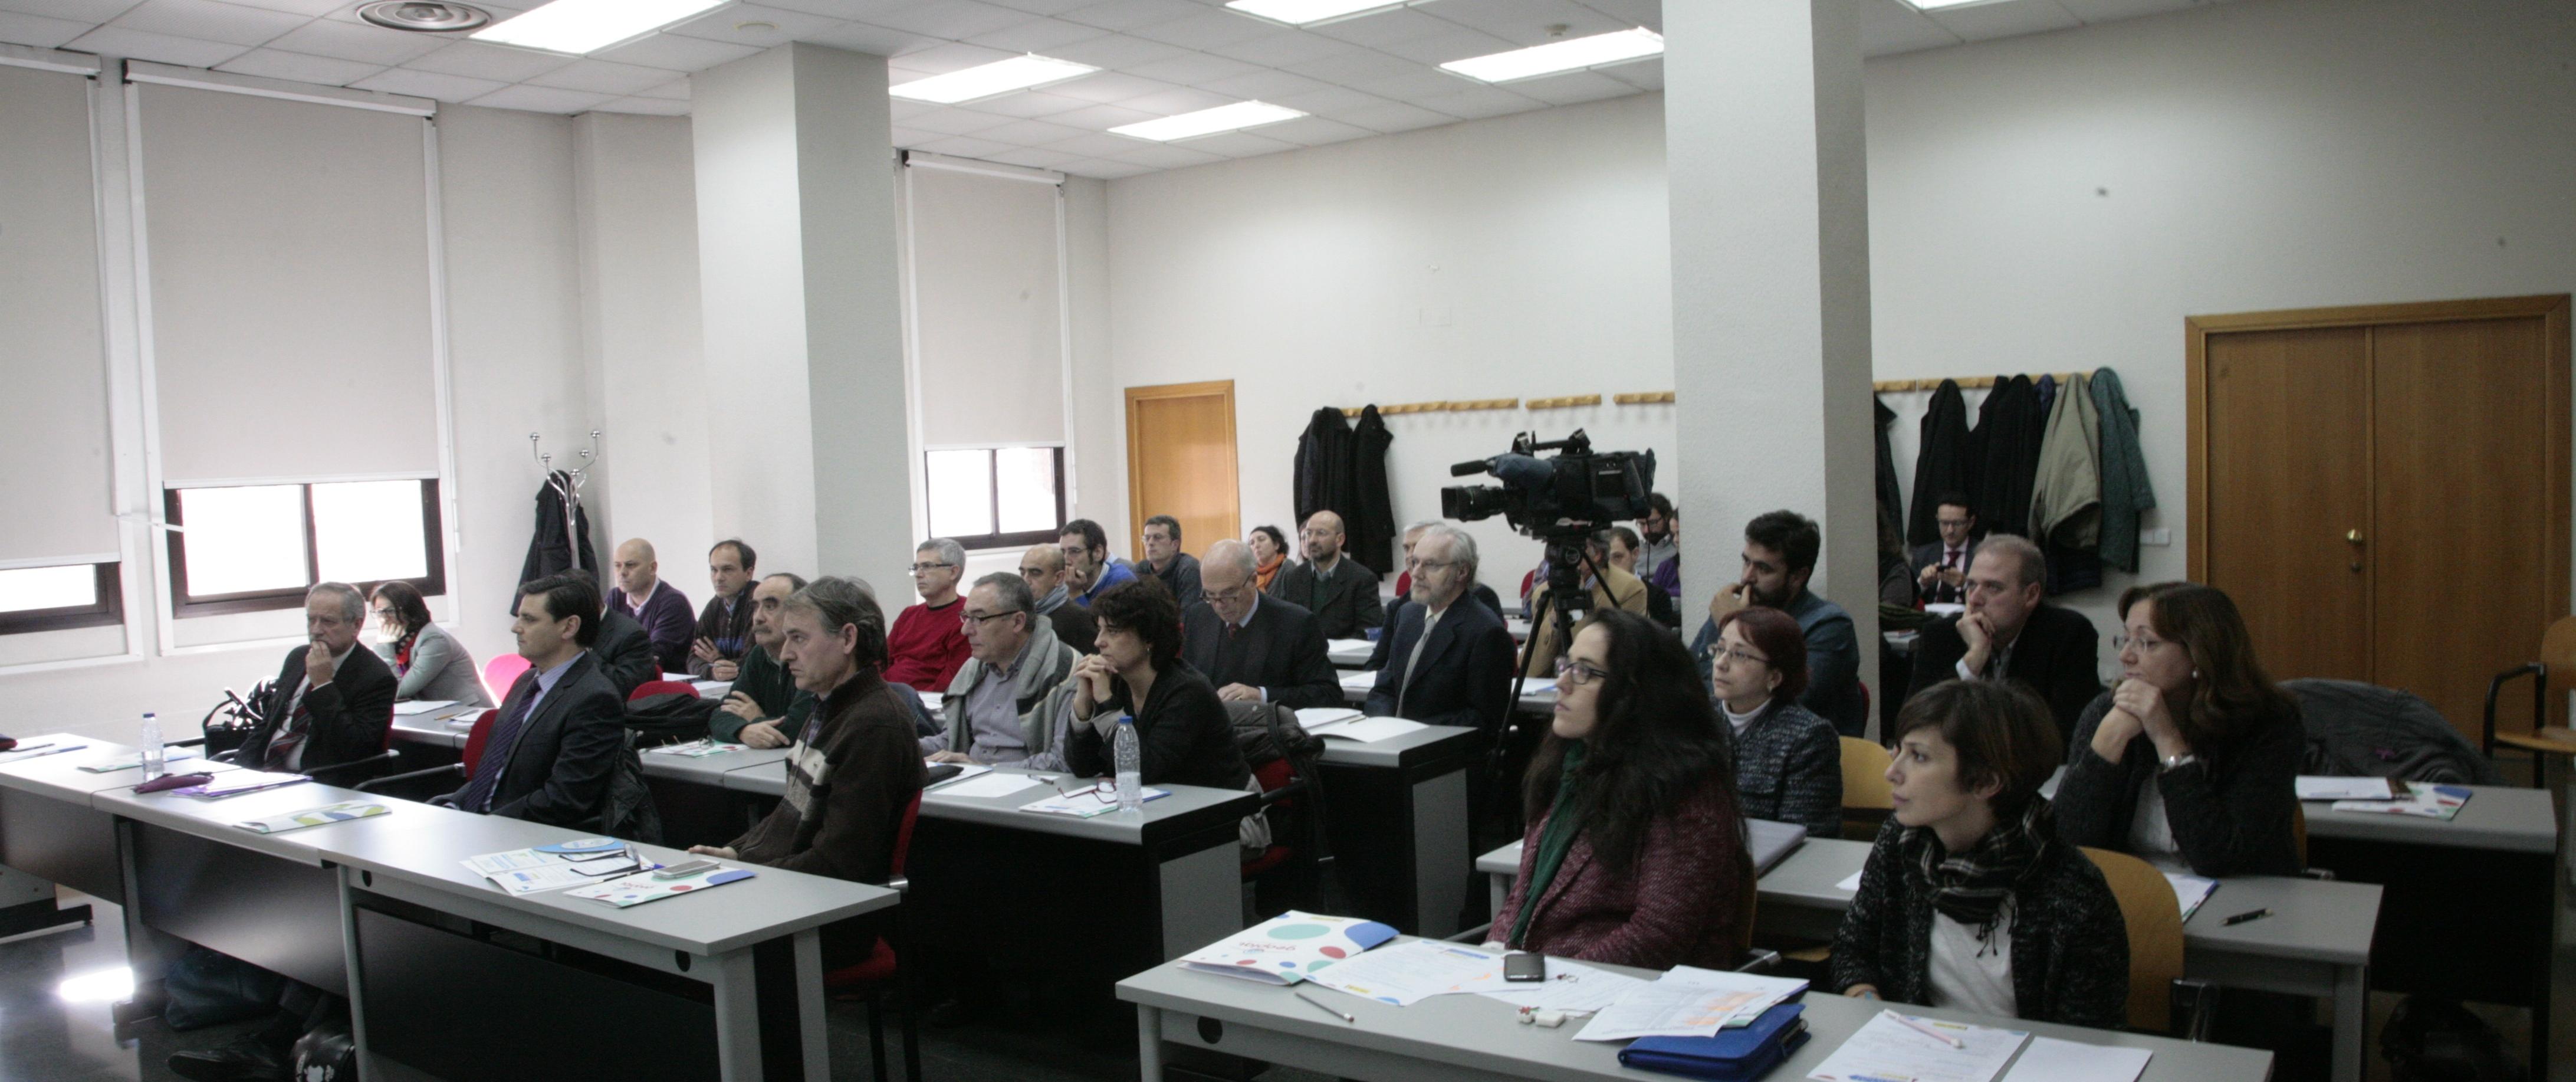 GEOPLAT anuncia que en 2014 impartirá formación oficial en geotermia somera en España y estrena su vídeo promocional sobre la energía geotérmica